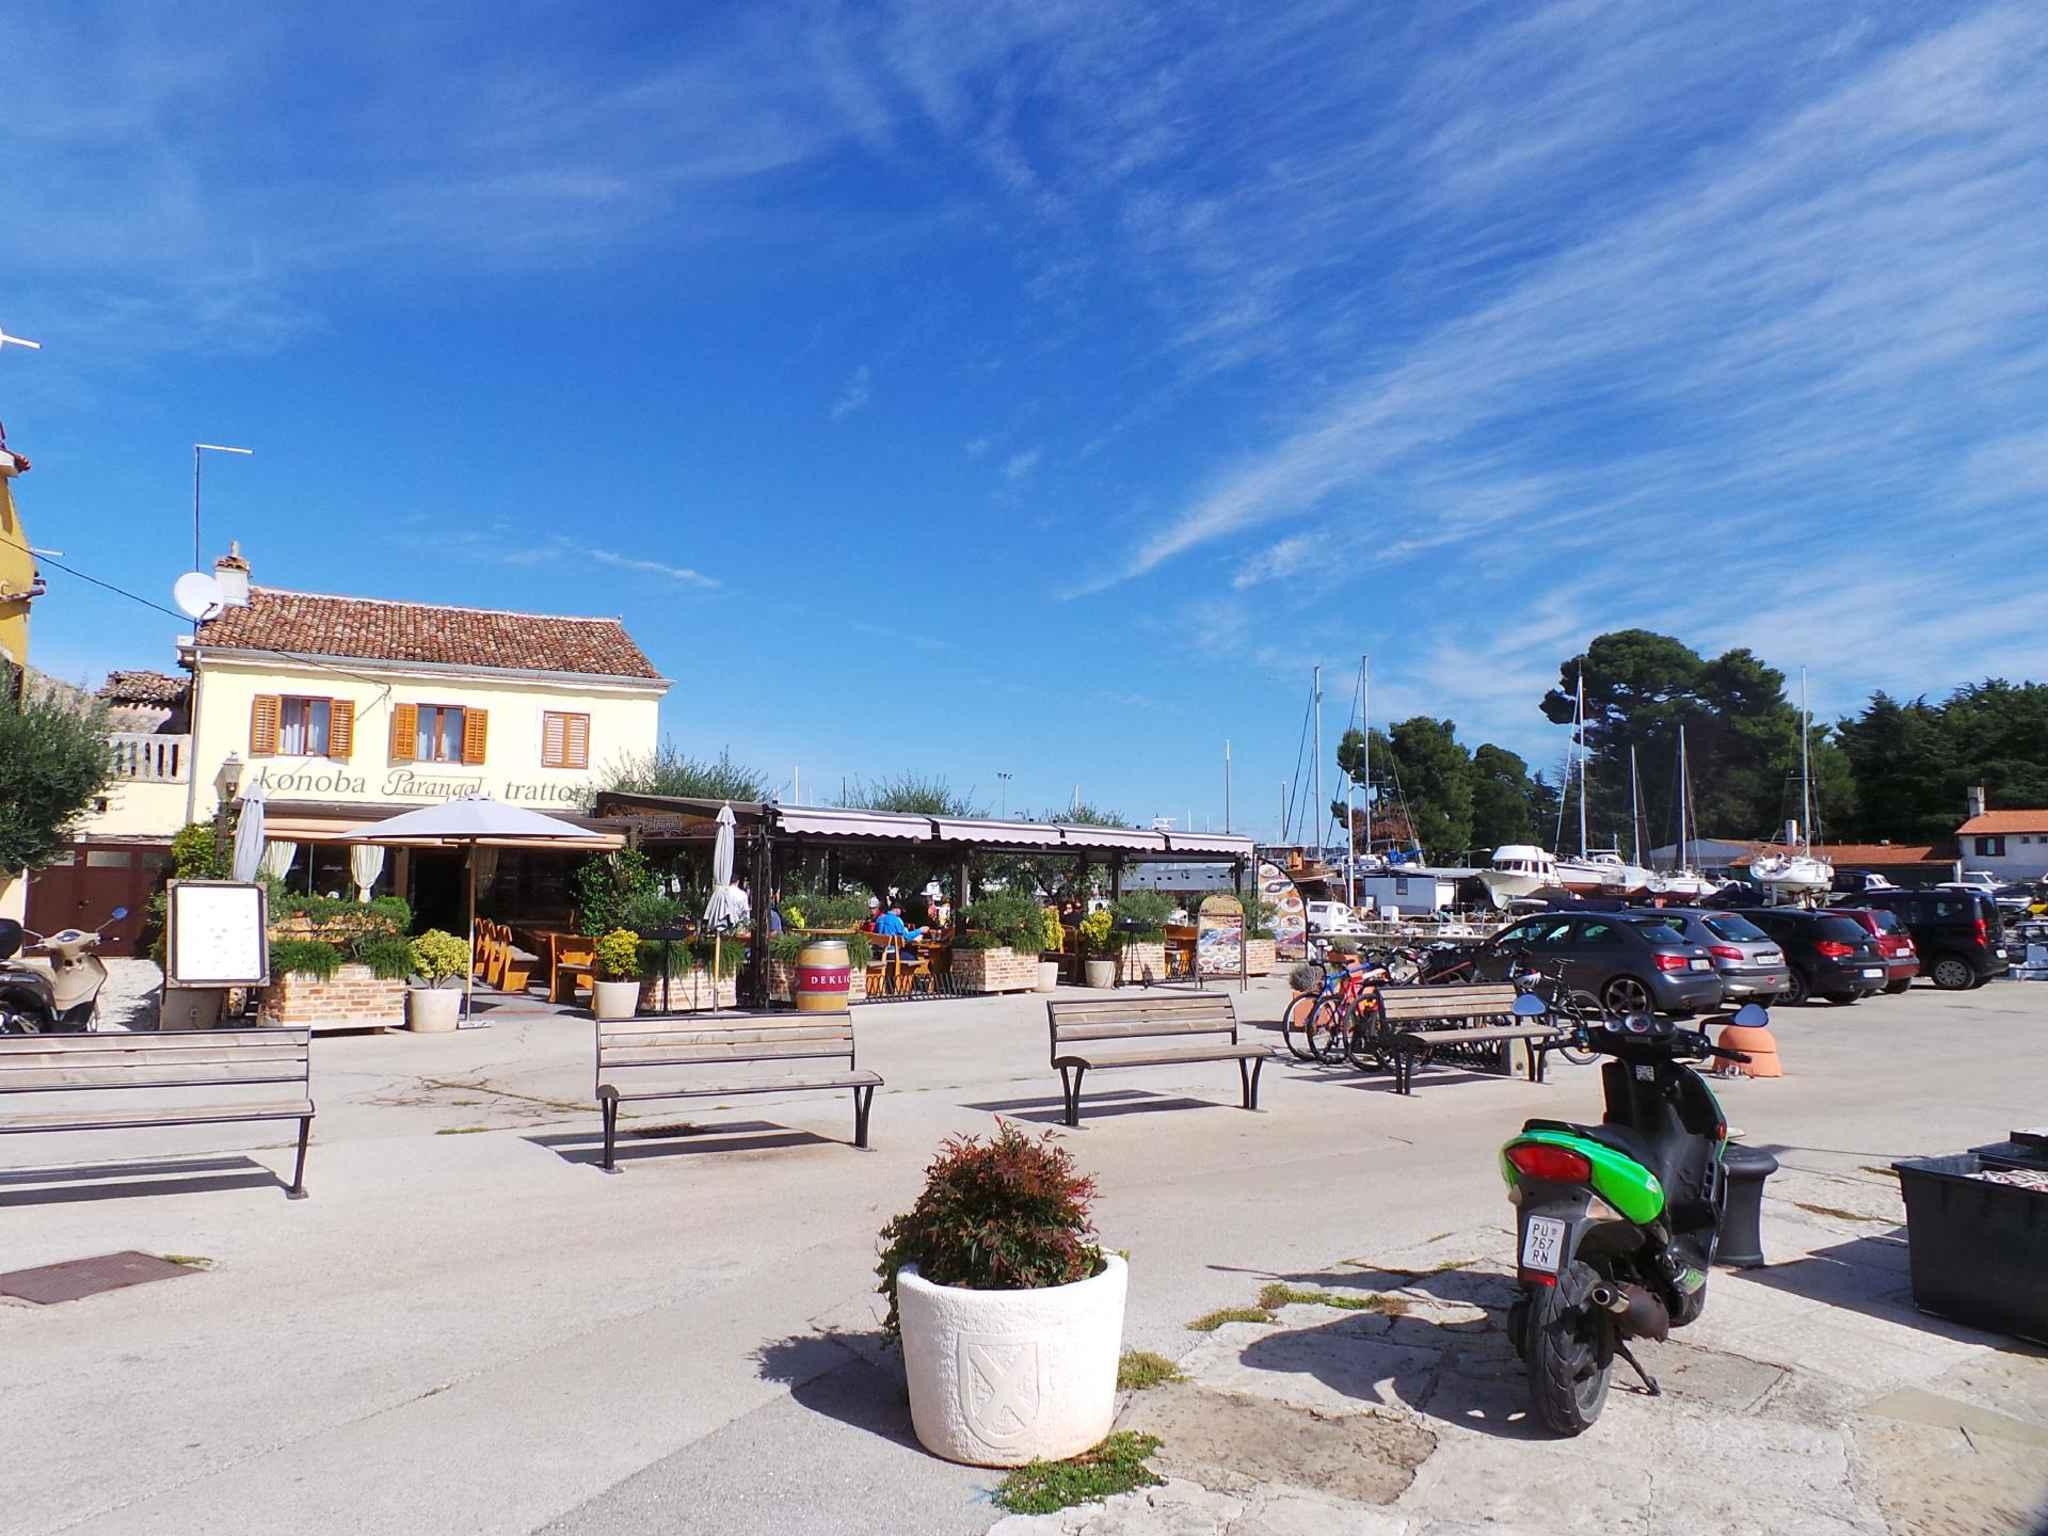 Ferienwohnung mit 4 Bäder nur 250 m von der Adria (278909), Zadar, , Dalmatien, Kroatien, Bild 29